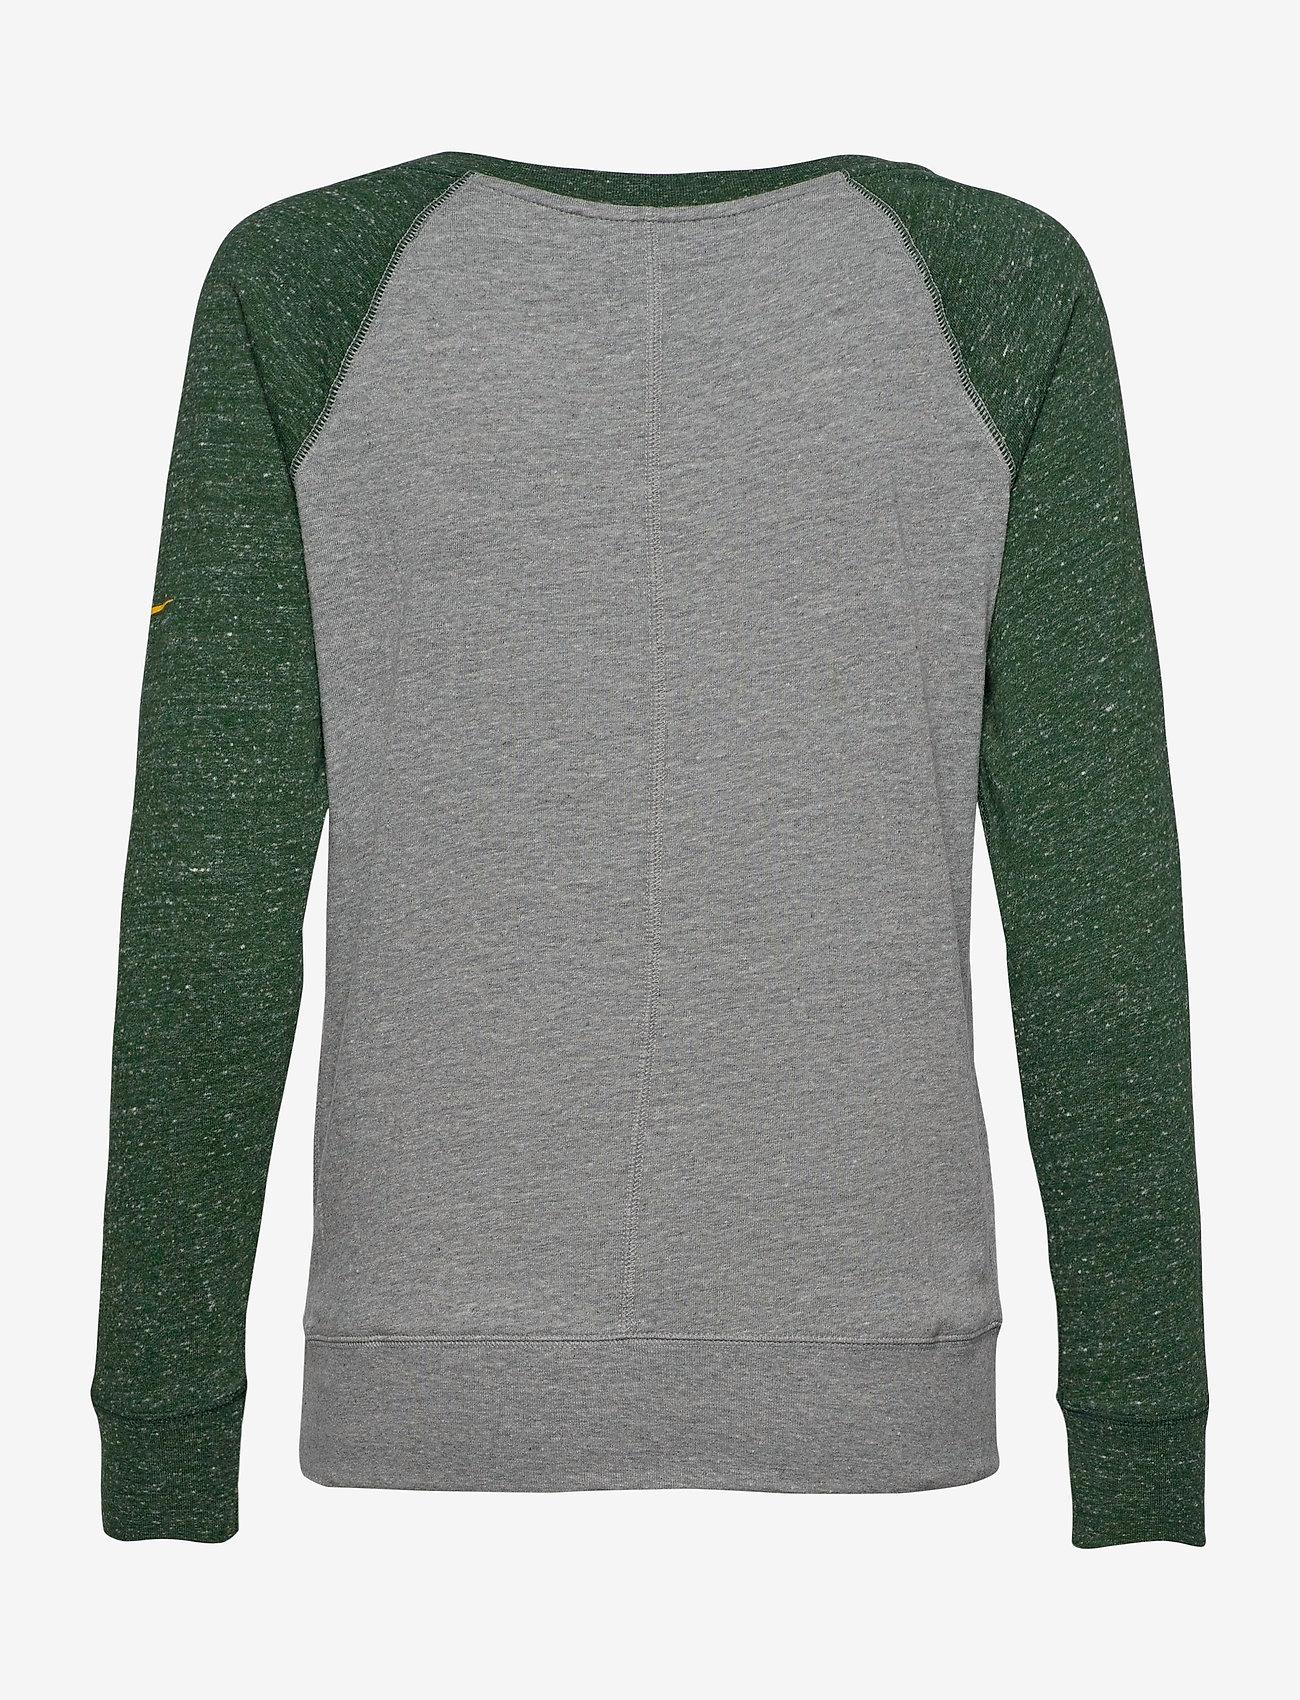 NIKE Fan Gear - Green Bay Packers Nike Left Chest Logo Gym Vintage - topjes met lange mouwen - dark grey heather / fir - 1